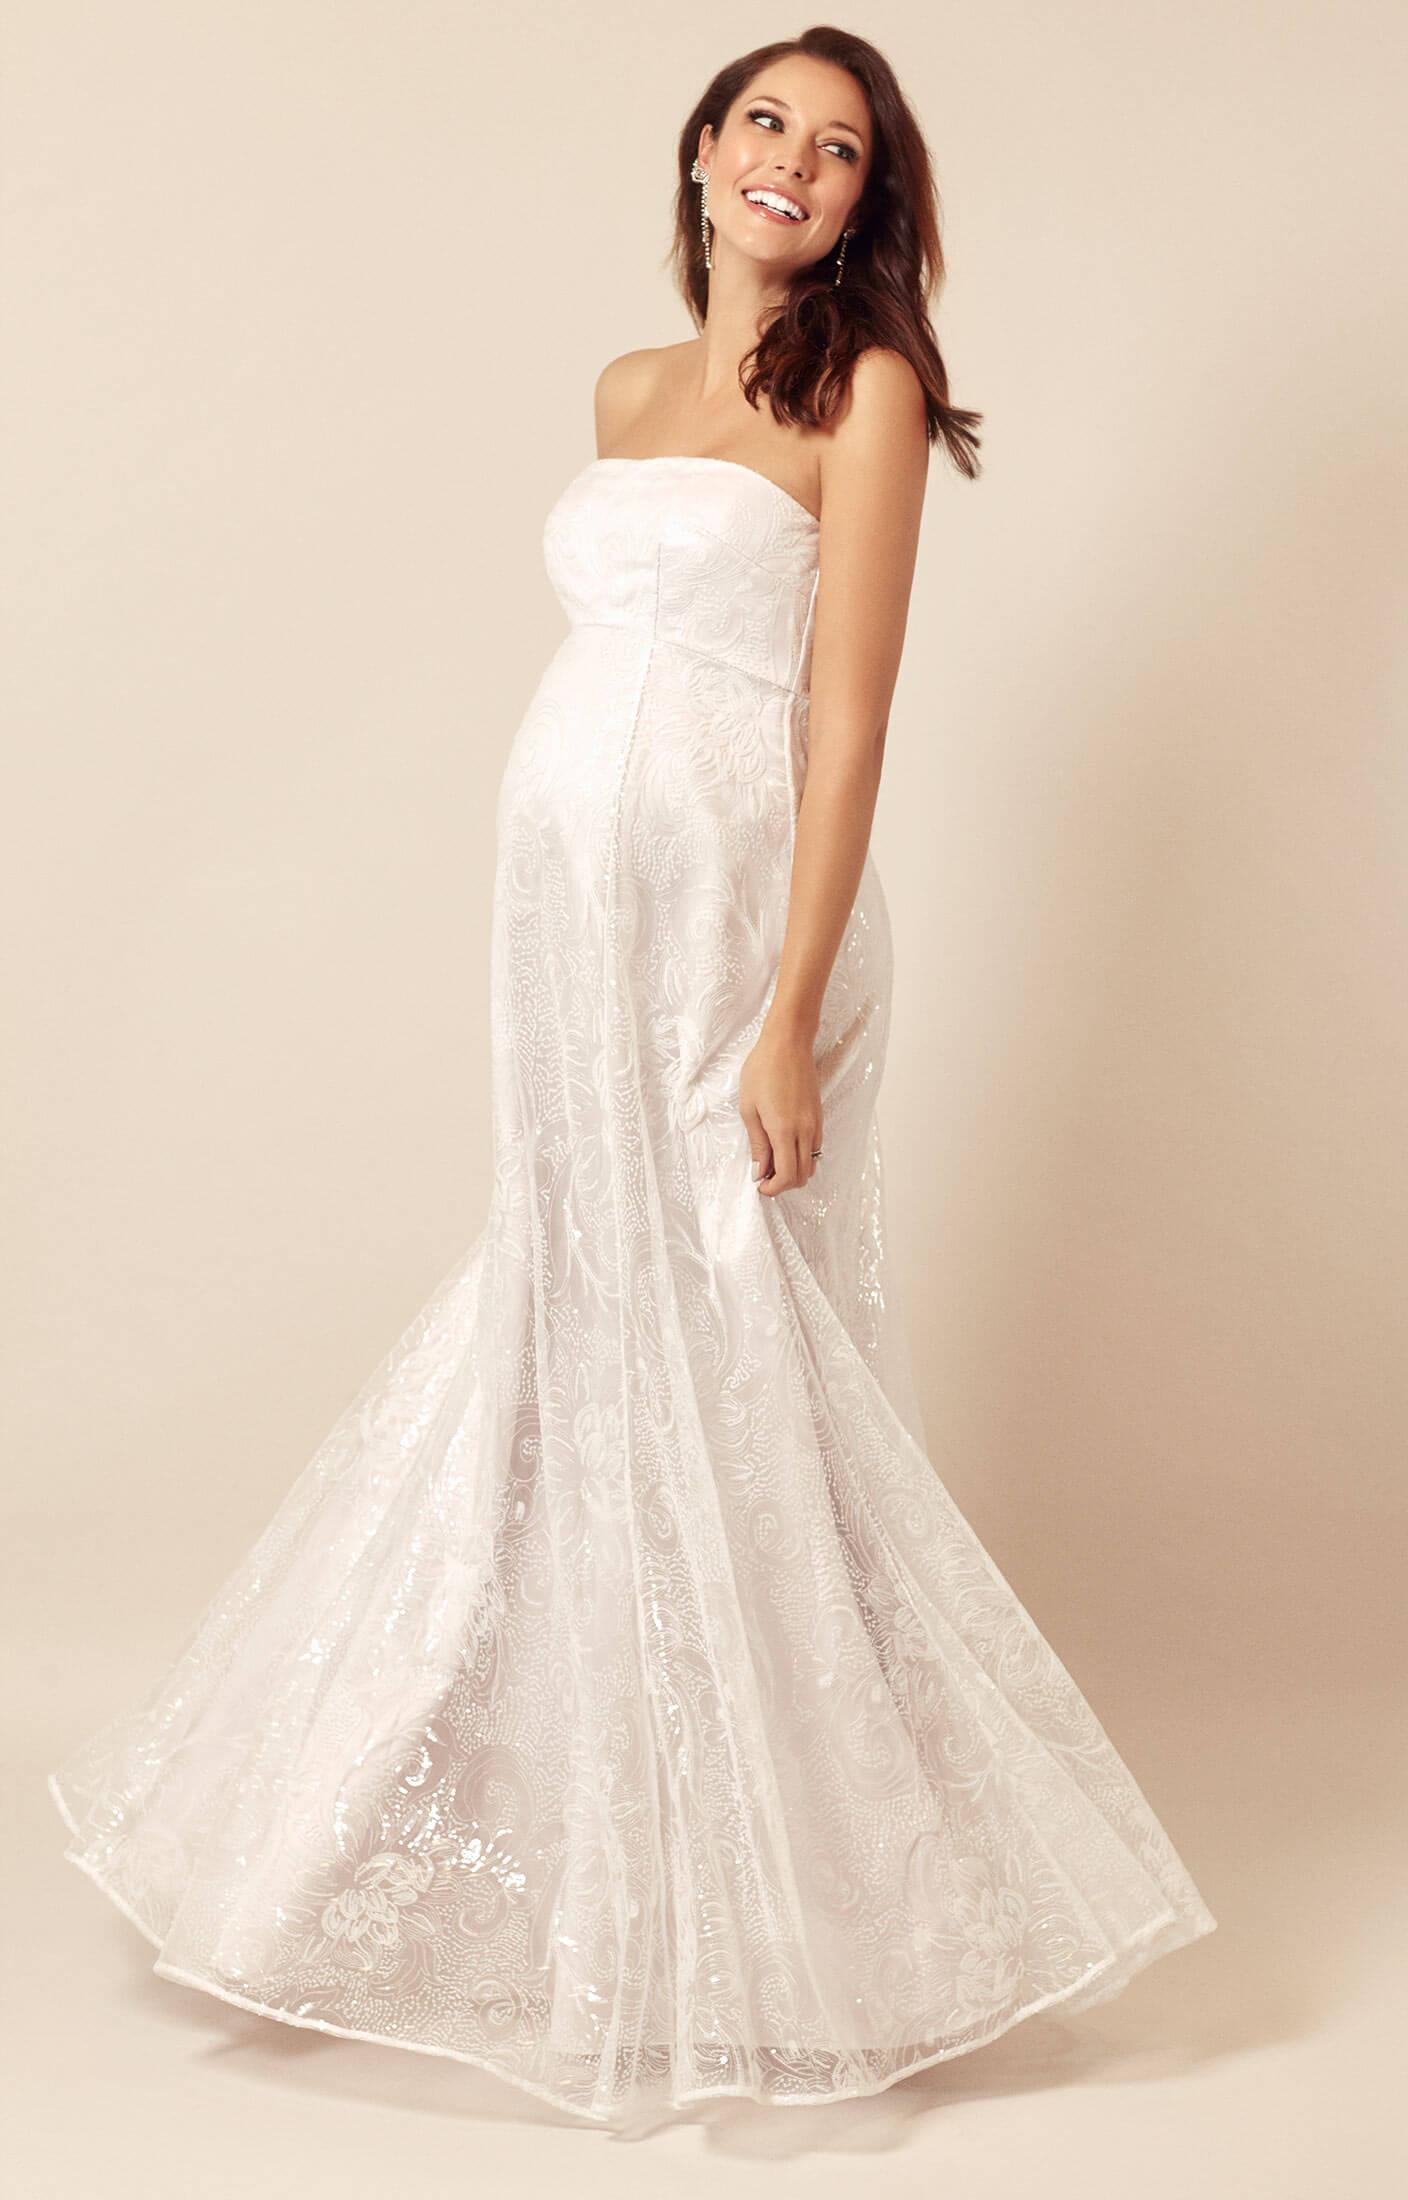 Evita Umstandsmoden Brautkleid lang in Antique Weiß ...